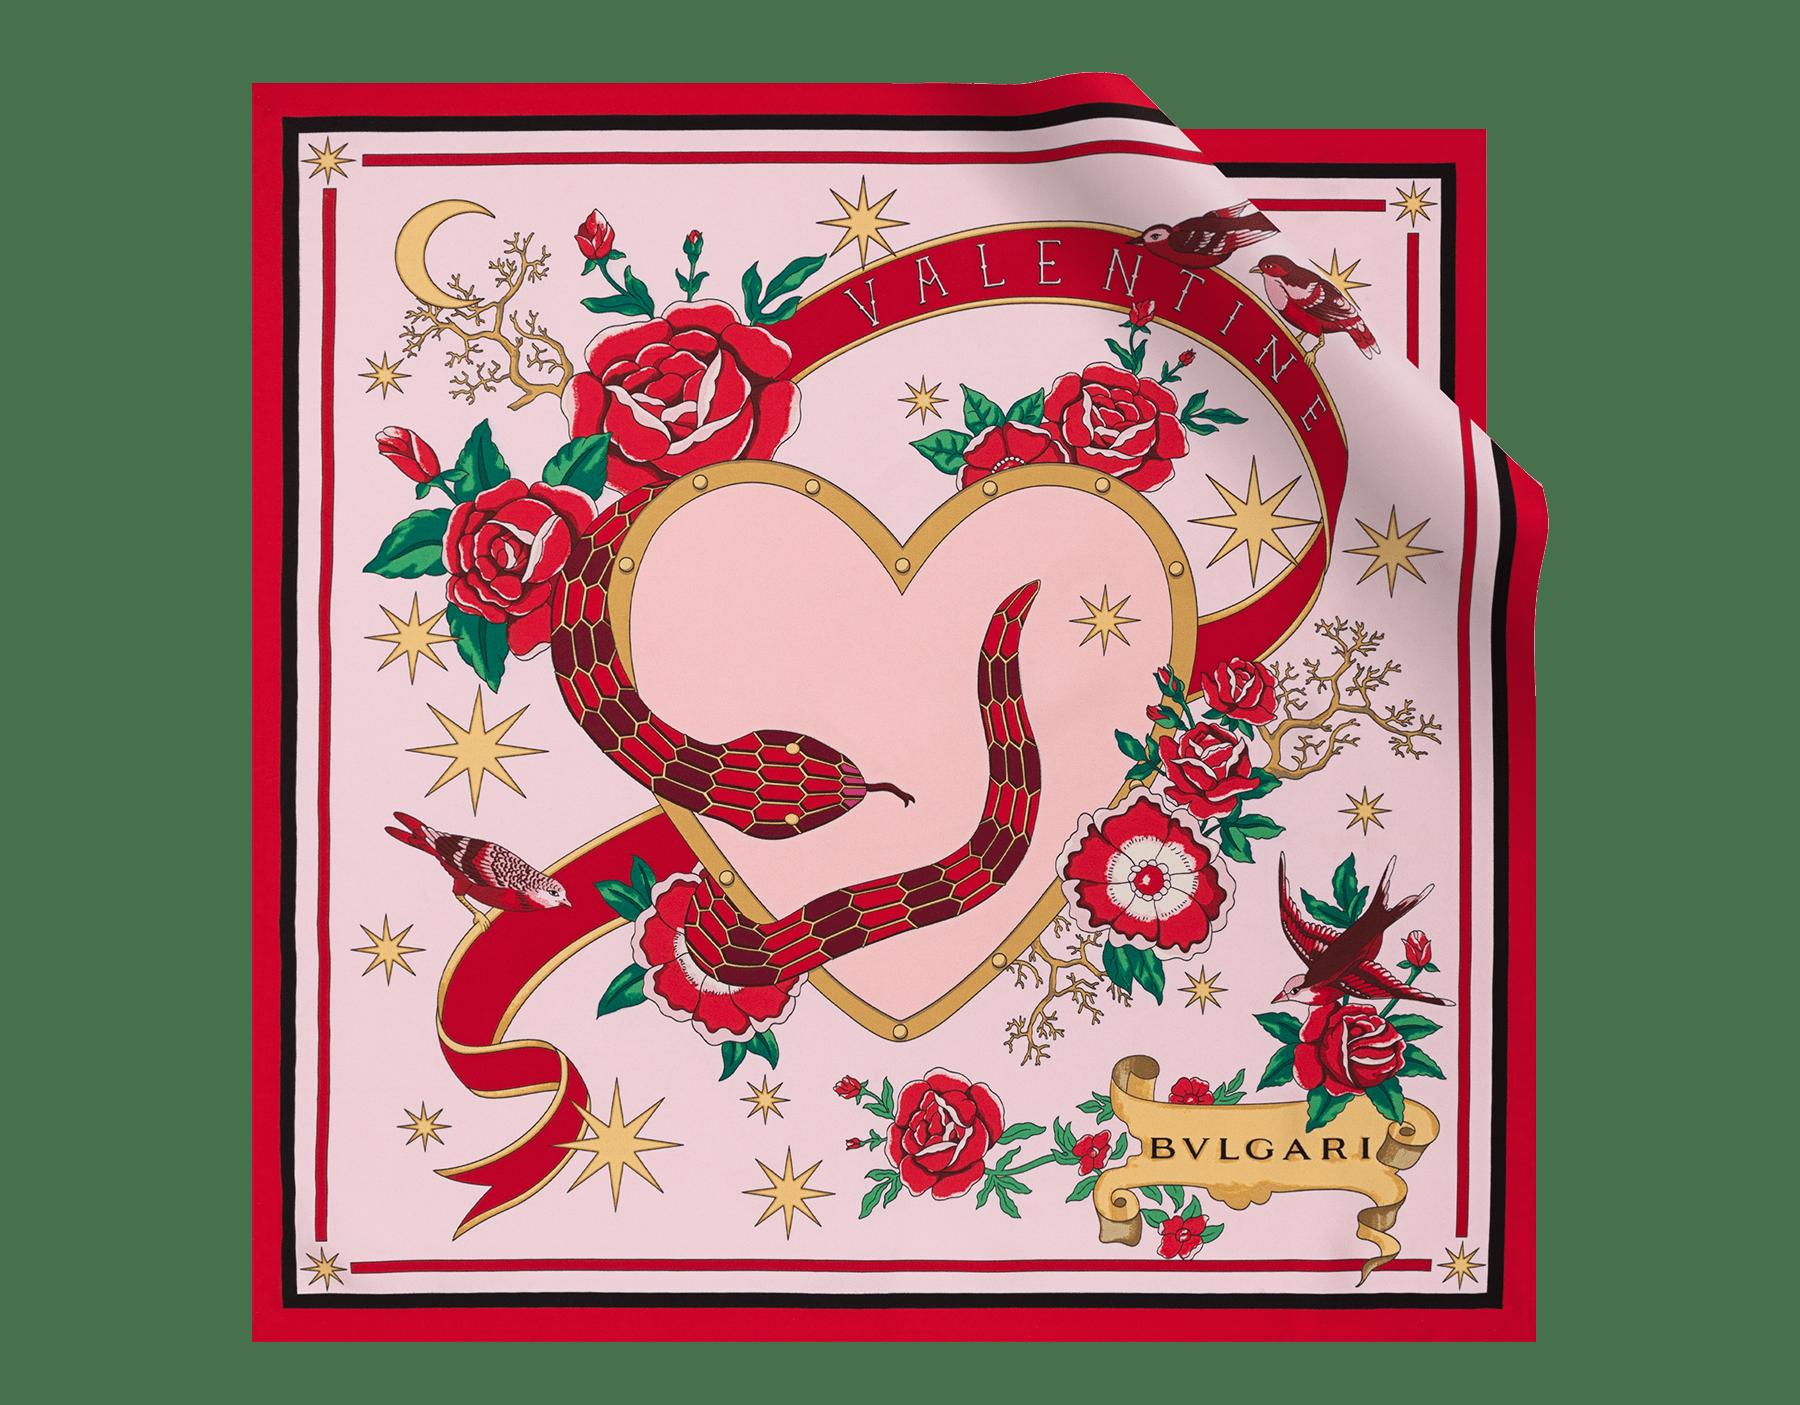 Serpenti Forever Celebration Edition scarf in rosa di Francia fine silk twill. 244298 image 1